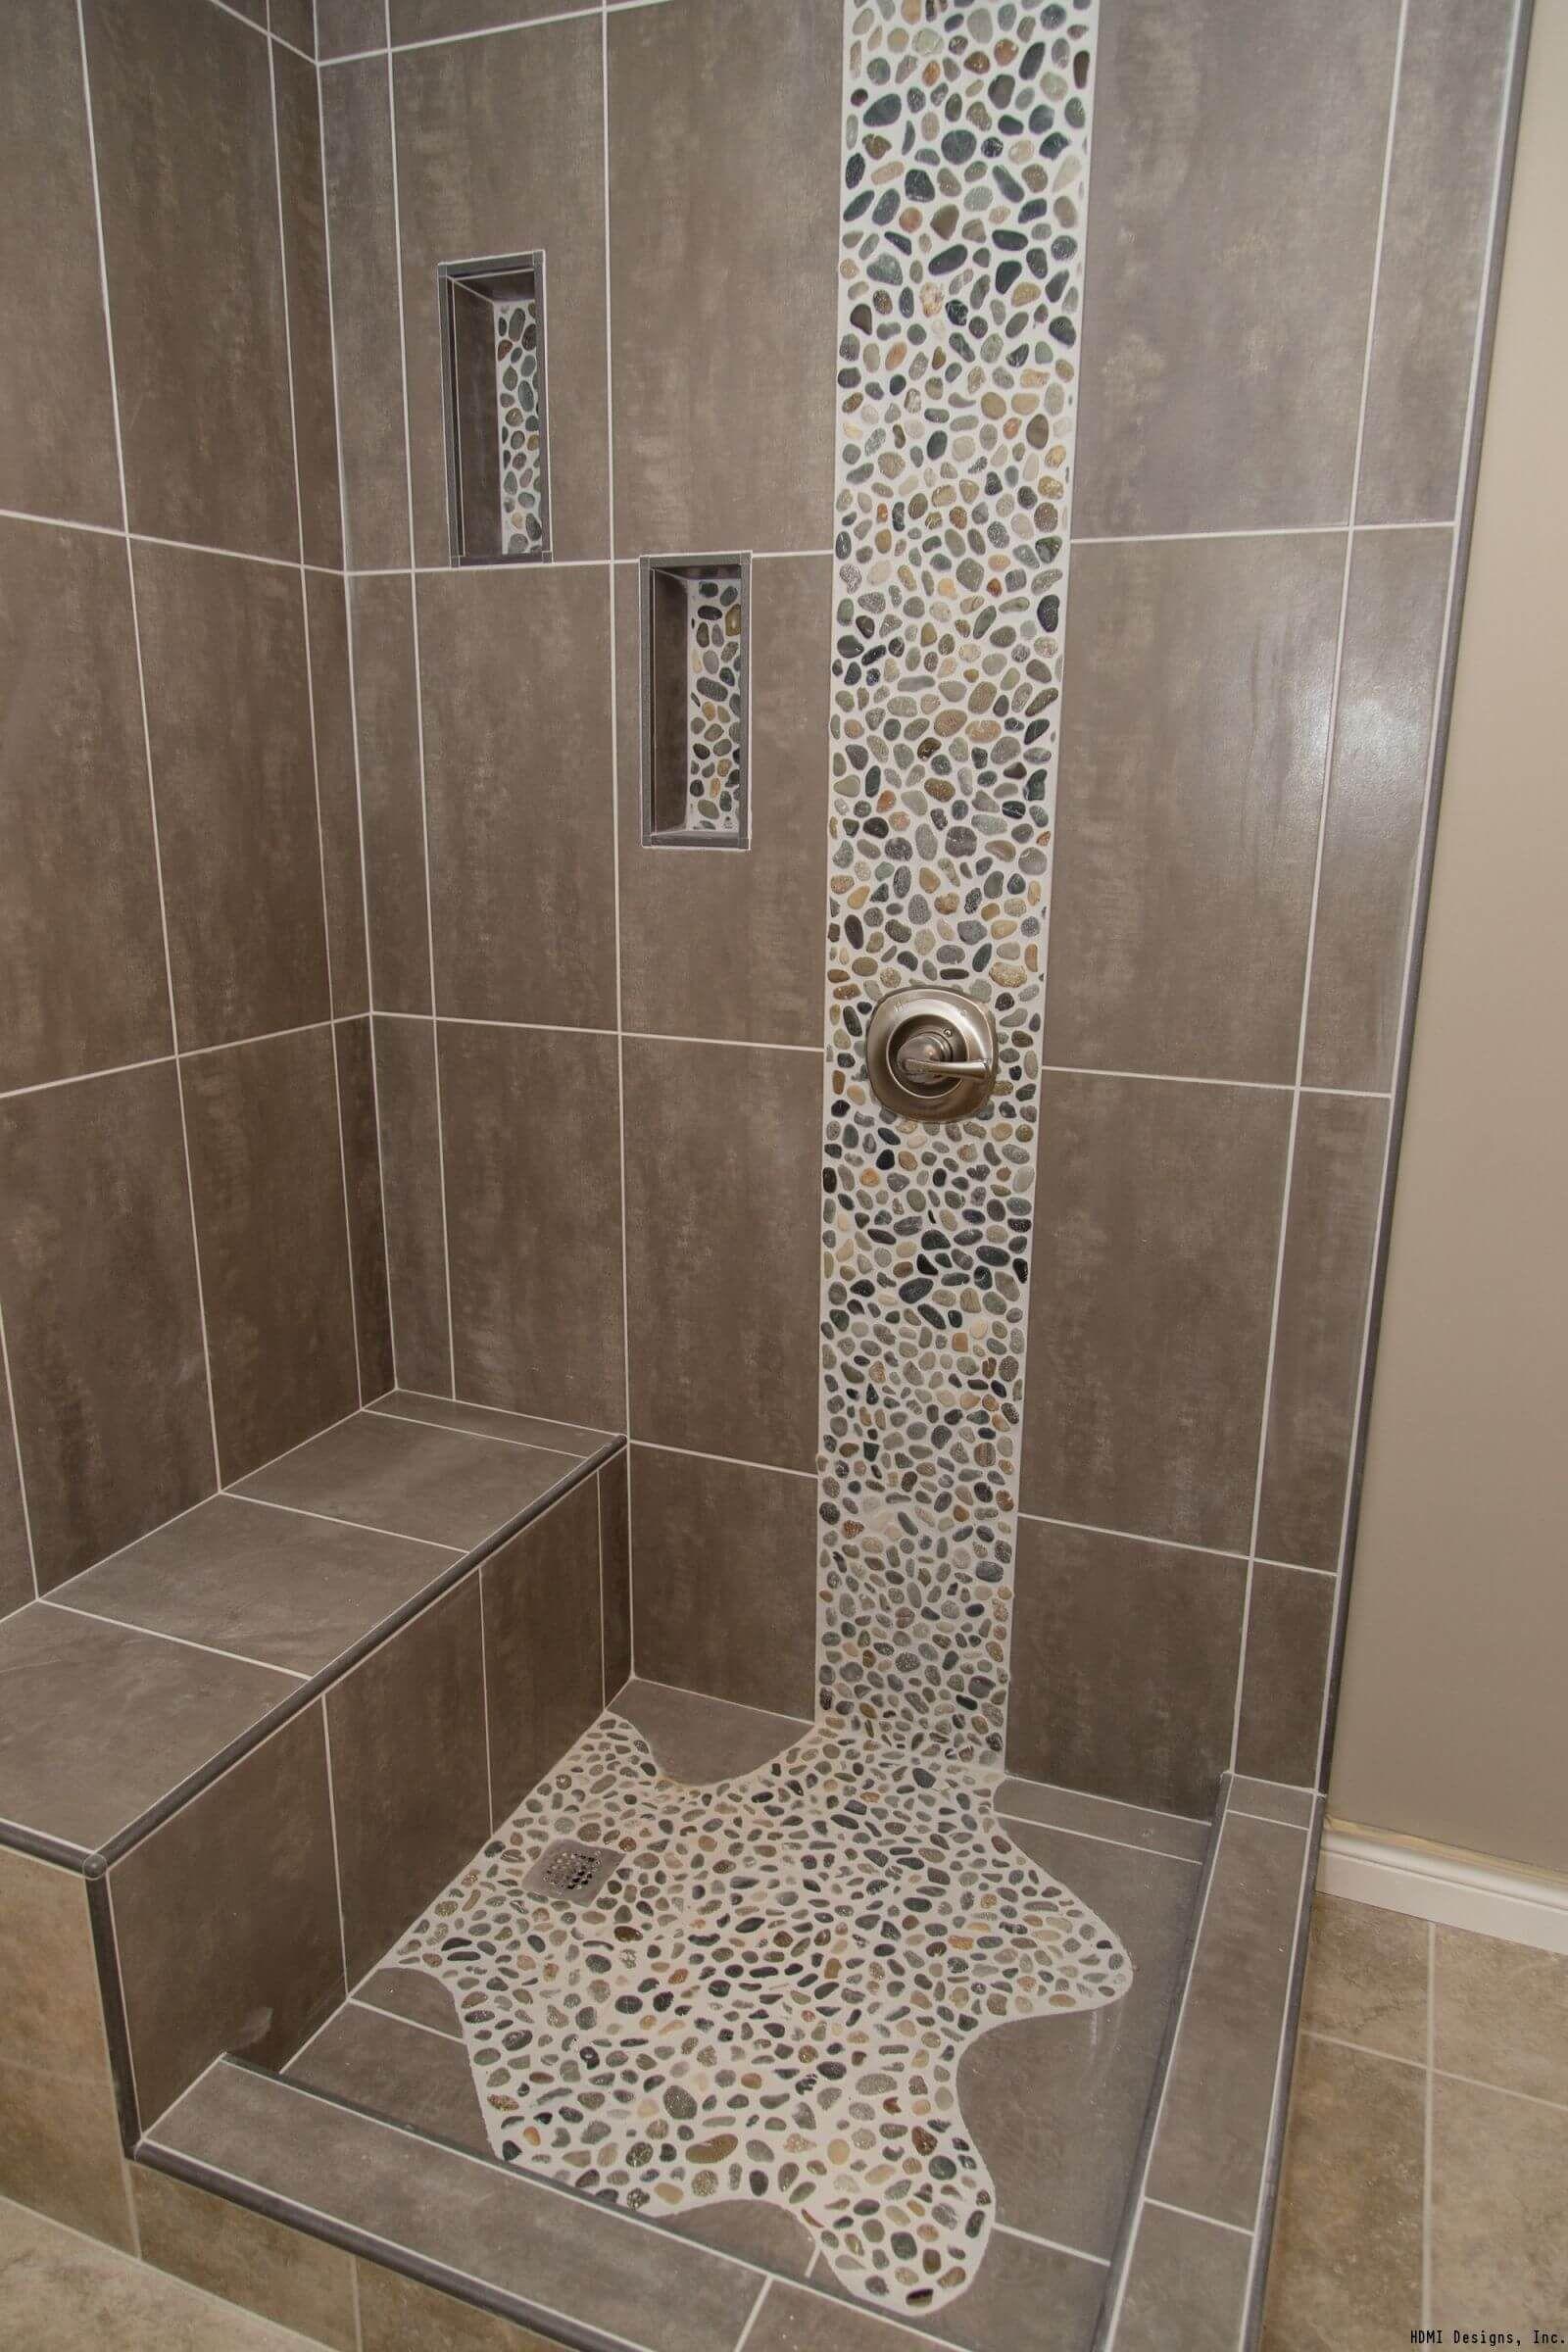 32 besten Duschfliesen Ideen, die Ihr Badezimmer verwandeln werden - Neue Dekor #bathroomtileshowers